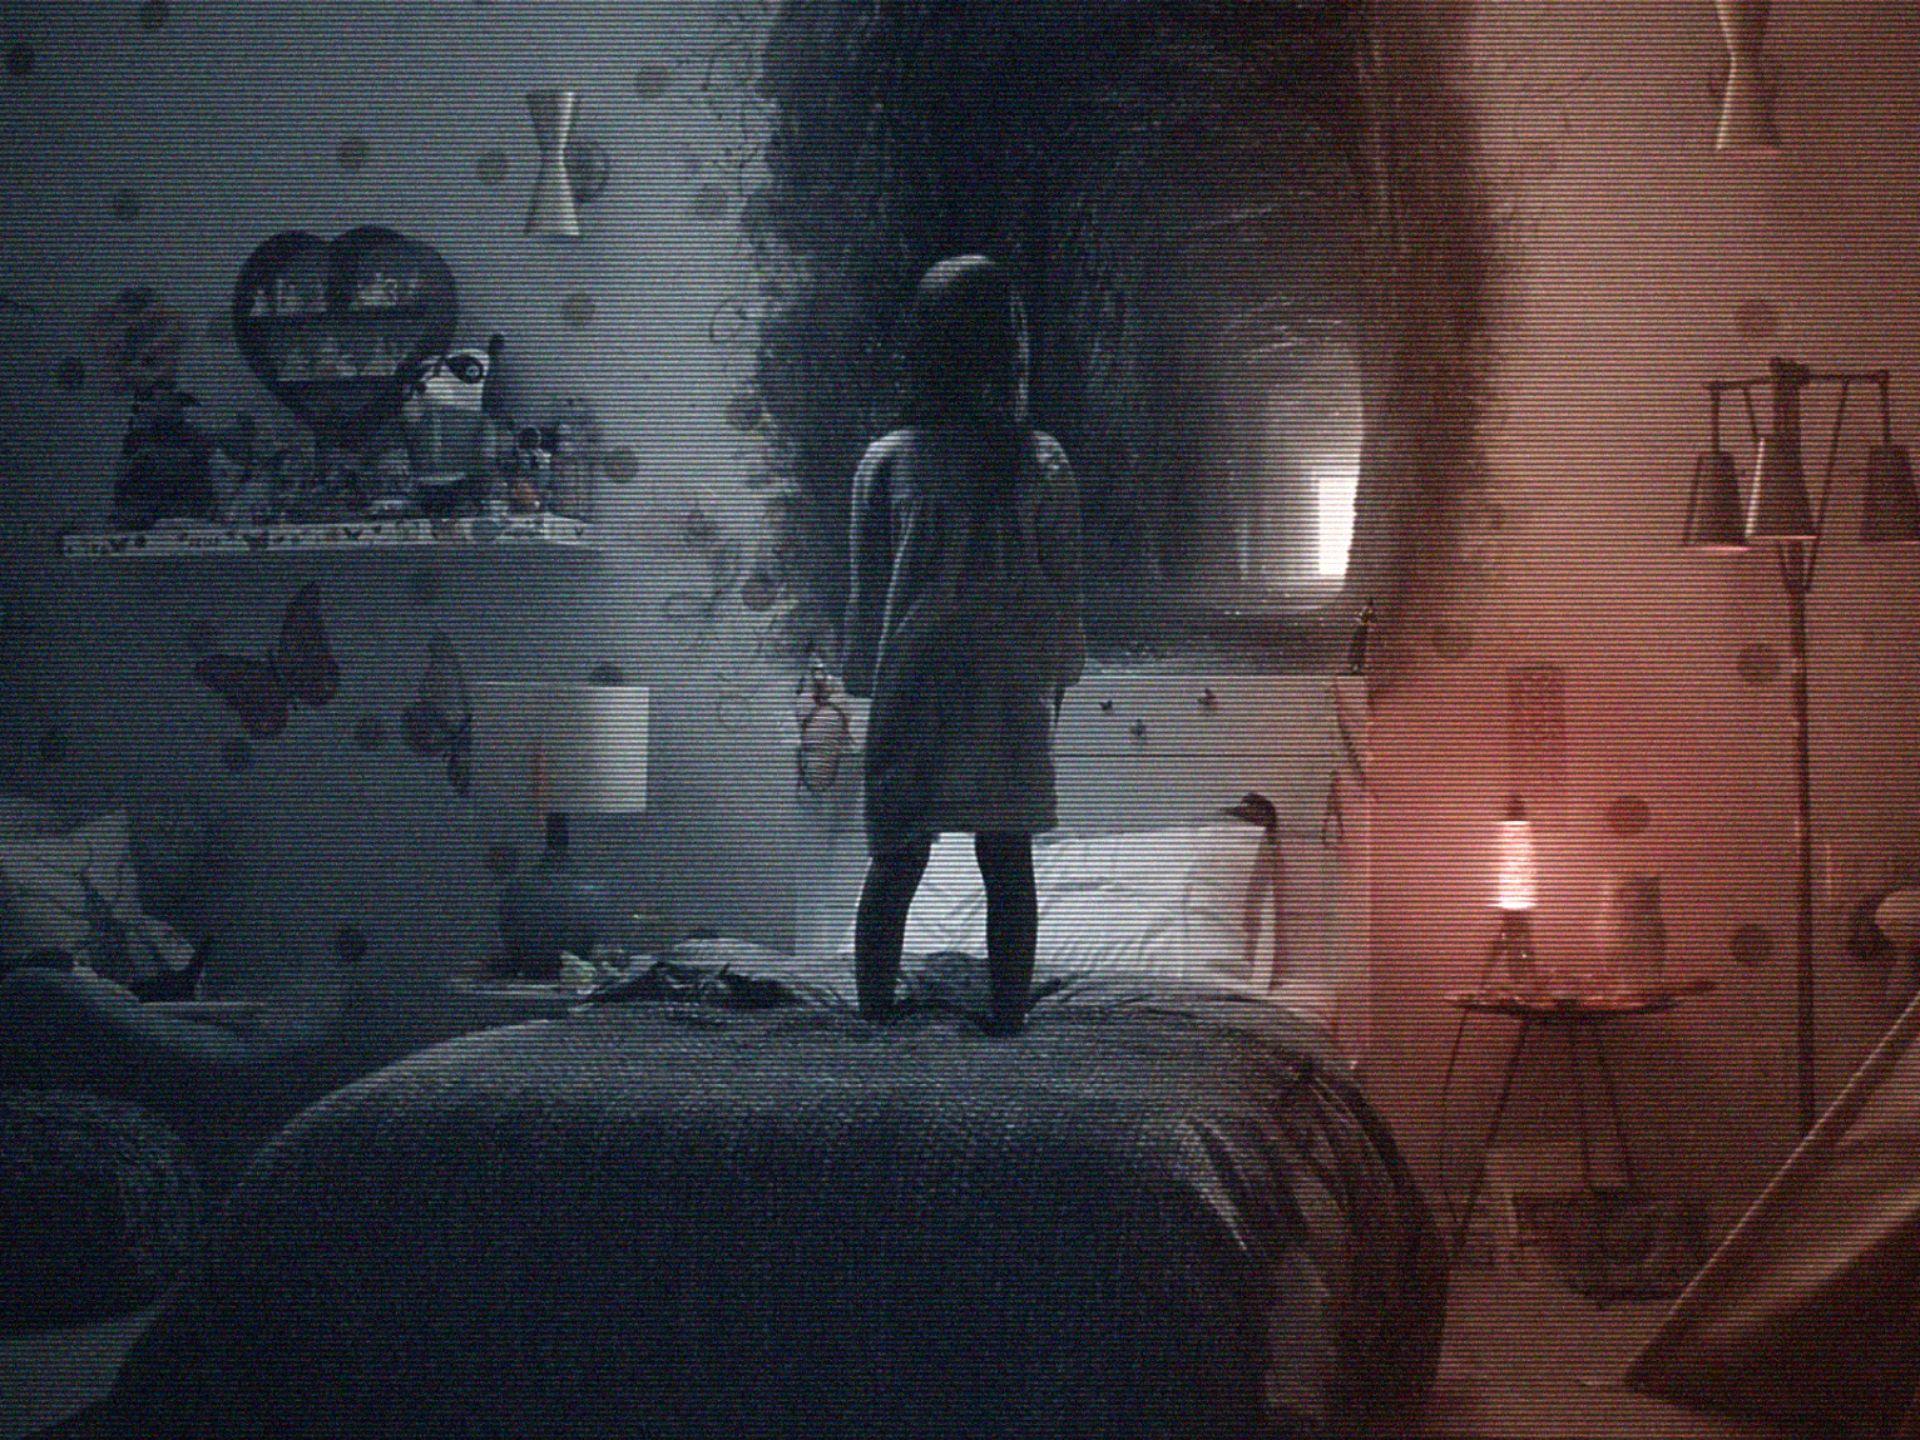 Παρουσίαση ταινίας: Paranormal Activity –  The Ghost Dimension